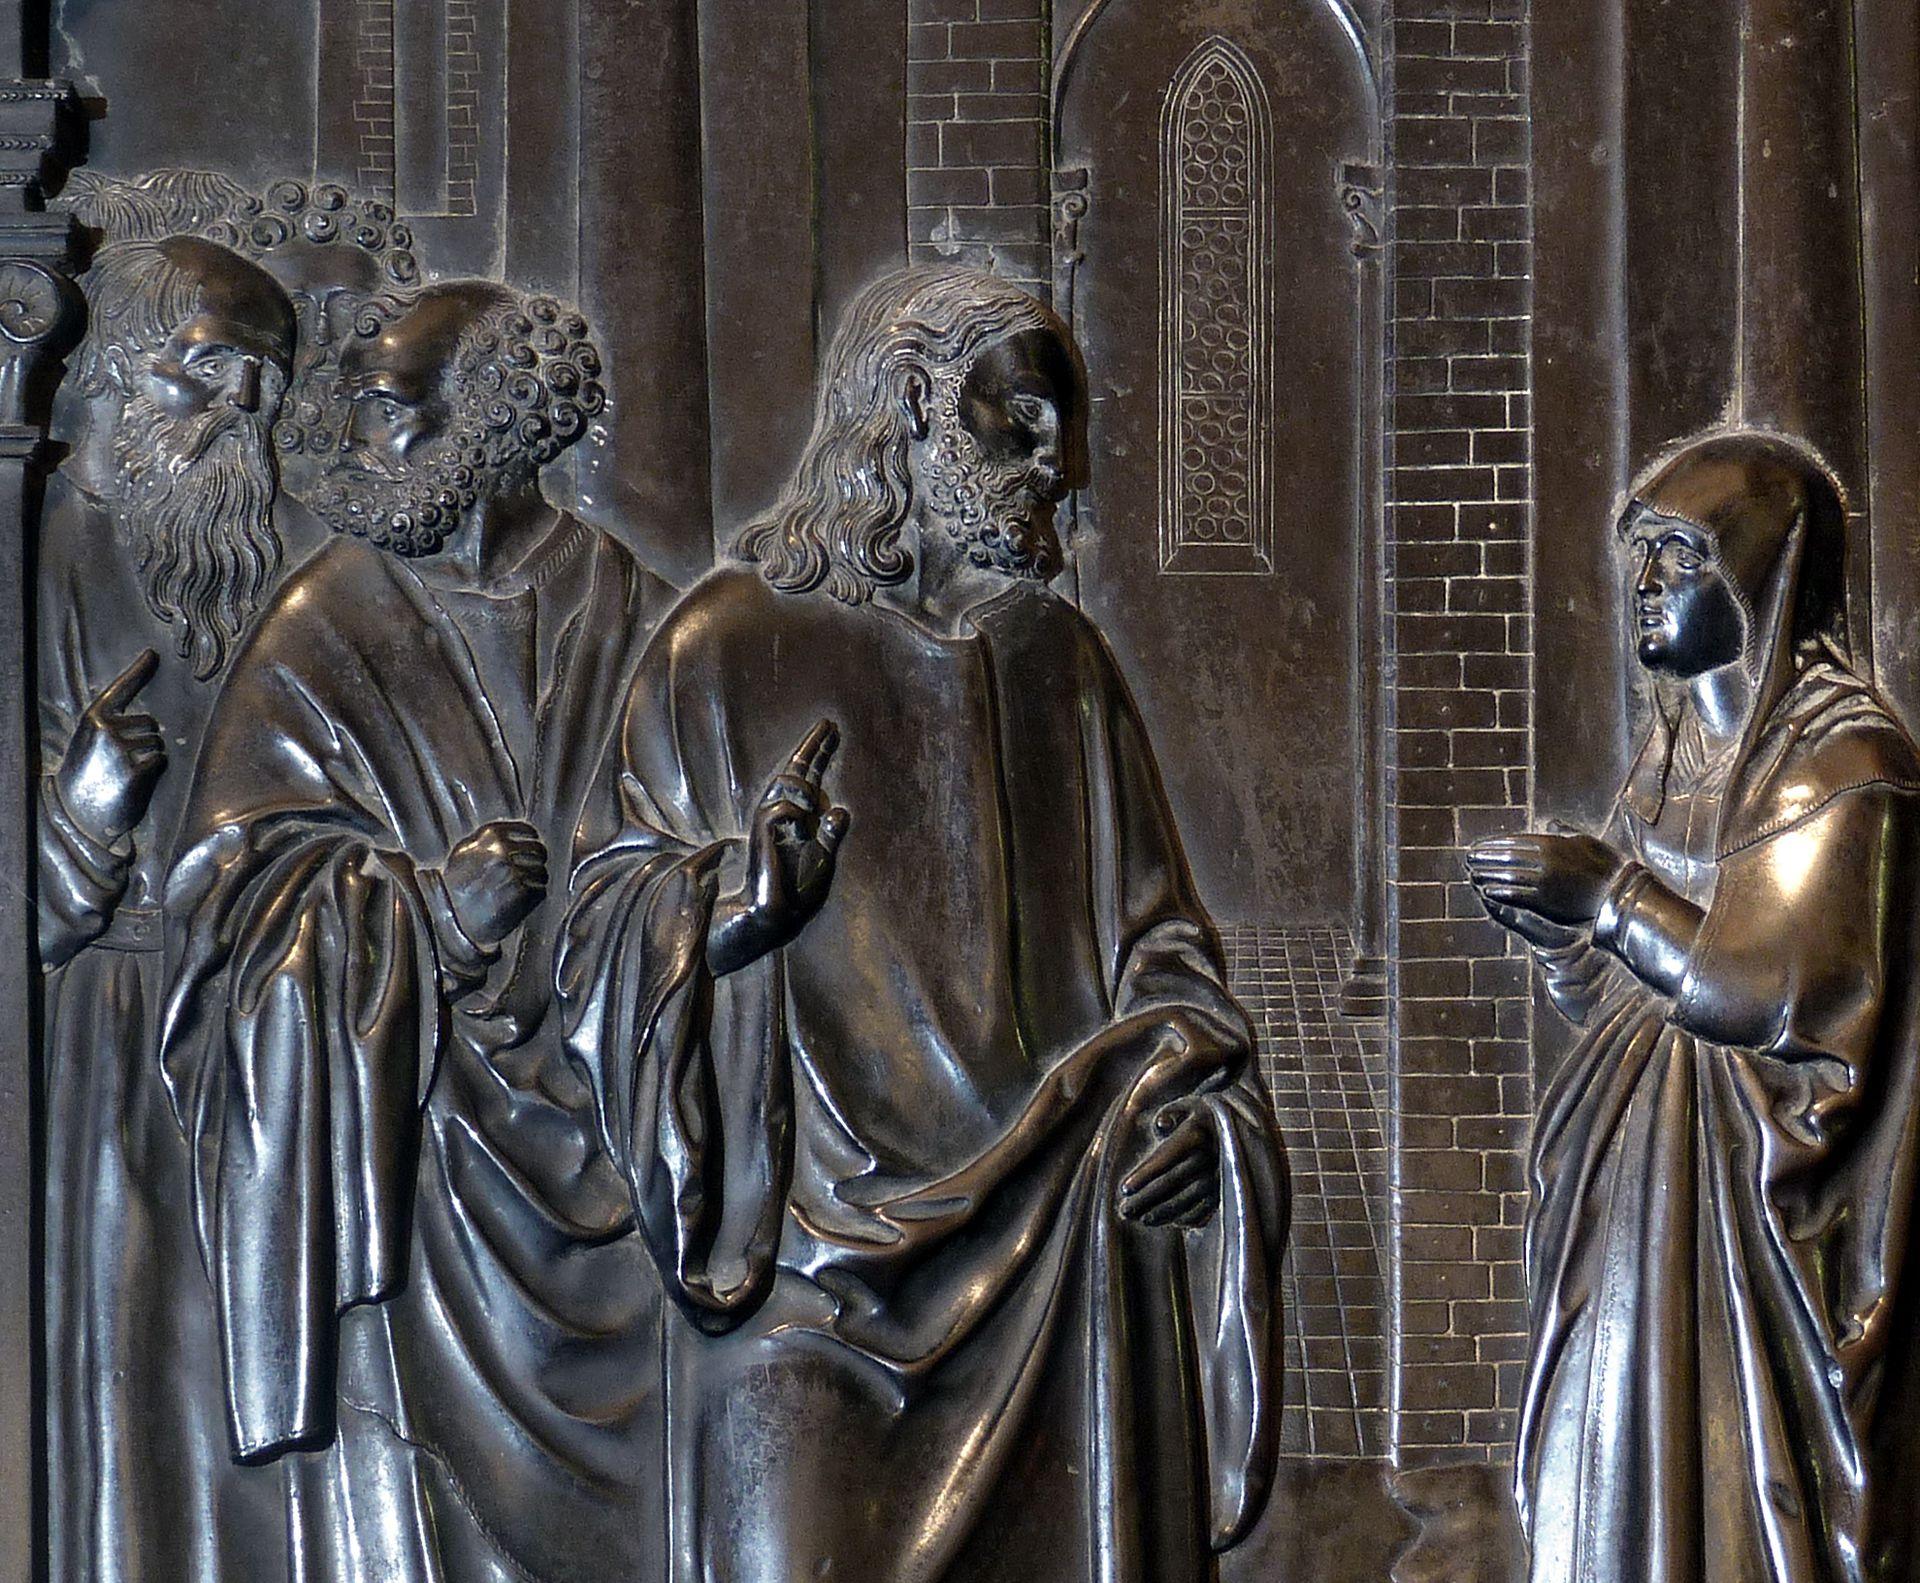 Messingepitaph der Margarete Tucher Apostel, Jesus und das Kanaanäische Weib, Blitzaufnahme